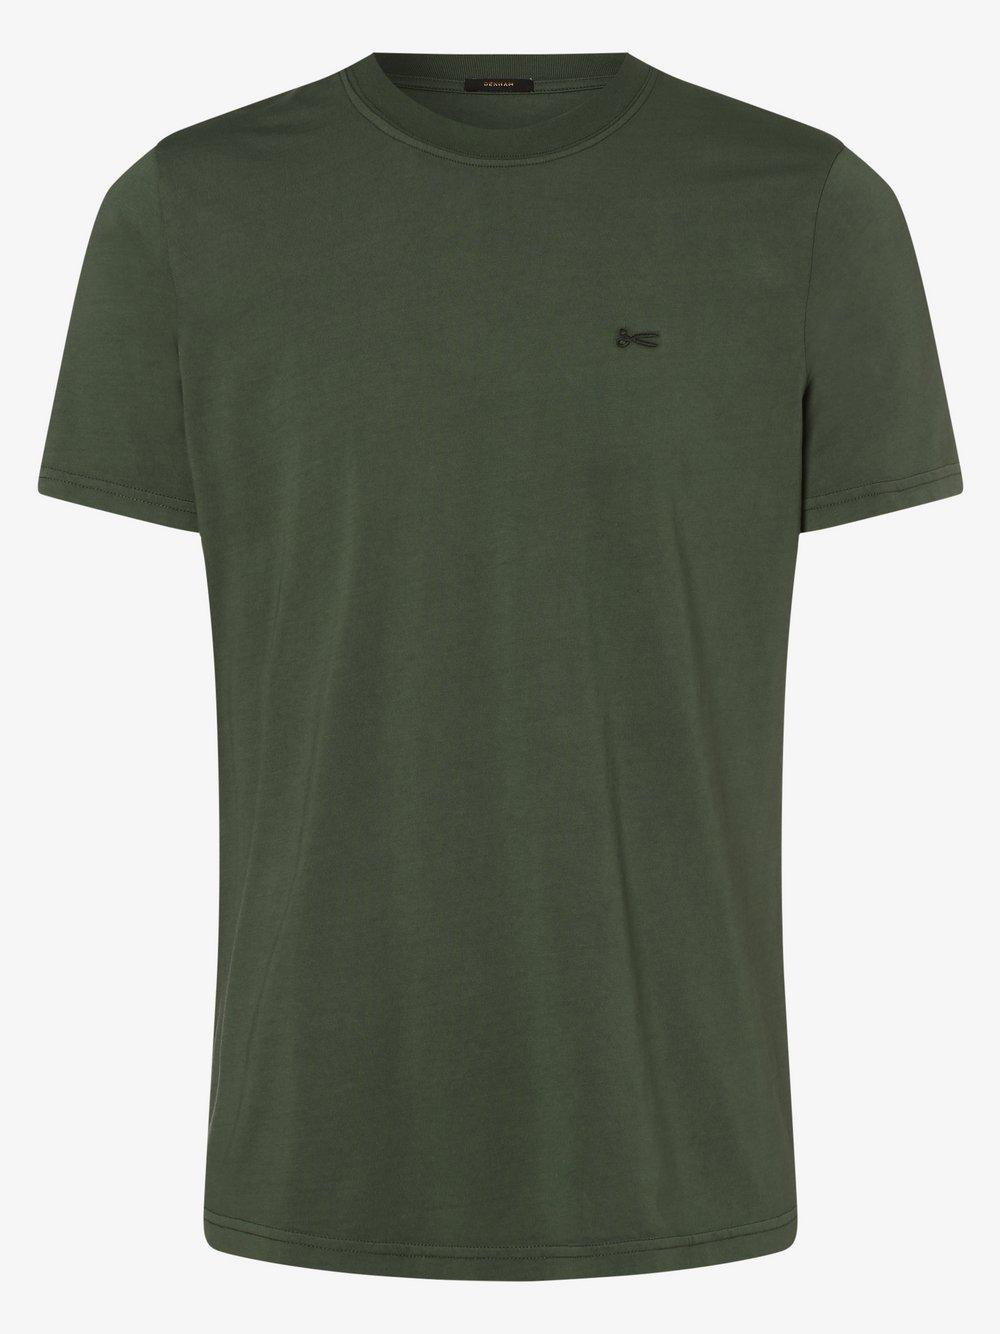 DENHAM – T-shirt męski, zielony Van Graaf 494899-0001-09990